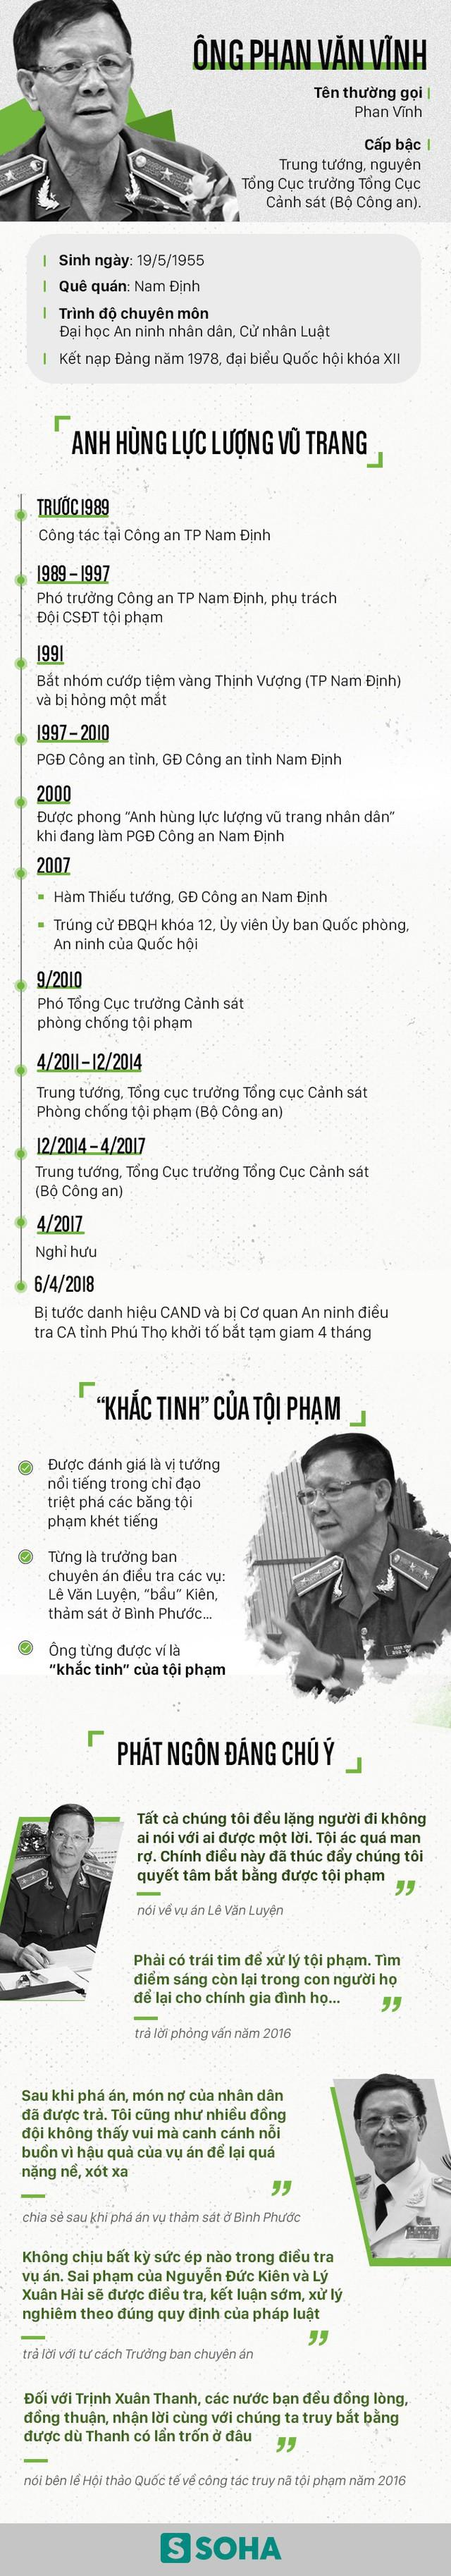 Đường sự nghiệp của cựu Tổng Cục trưởng Tổng Cục Cảnh sát Phan Văn Vĩnh vừa bị bắt - Ảnh 1.